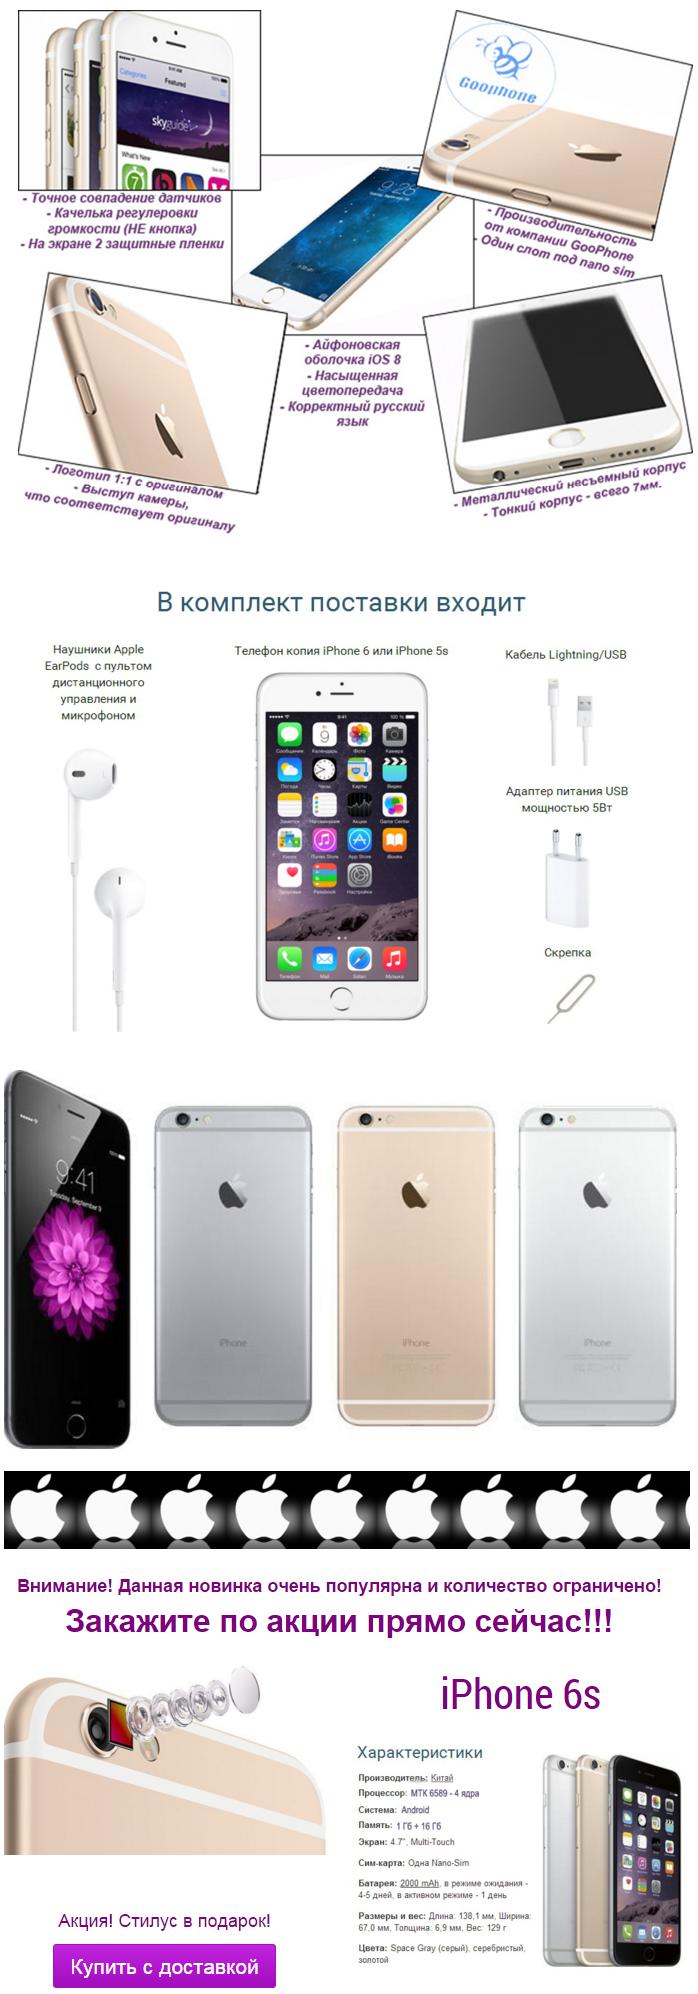 смартфоны копии айфон 6 берёзу, проносятся